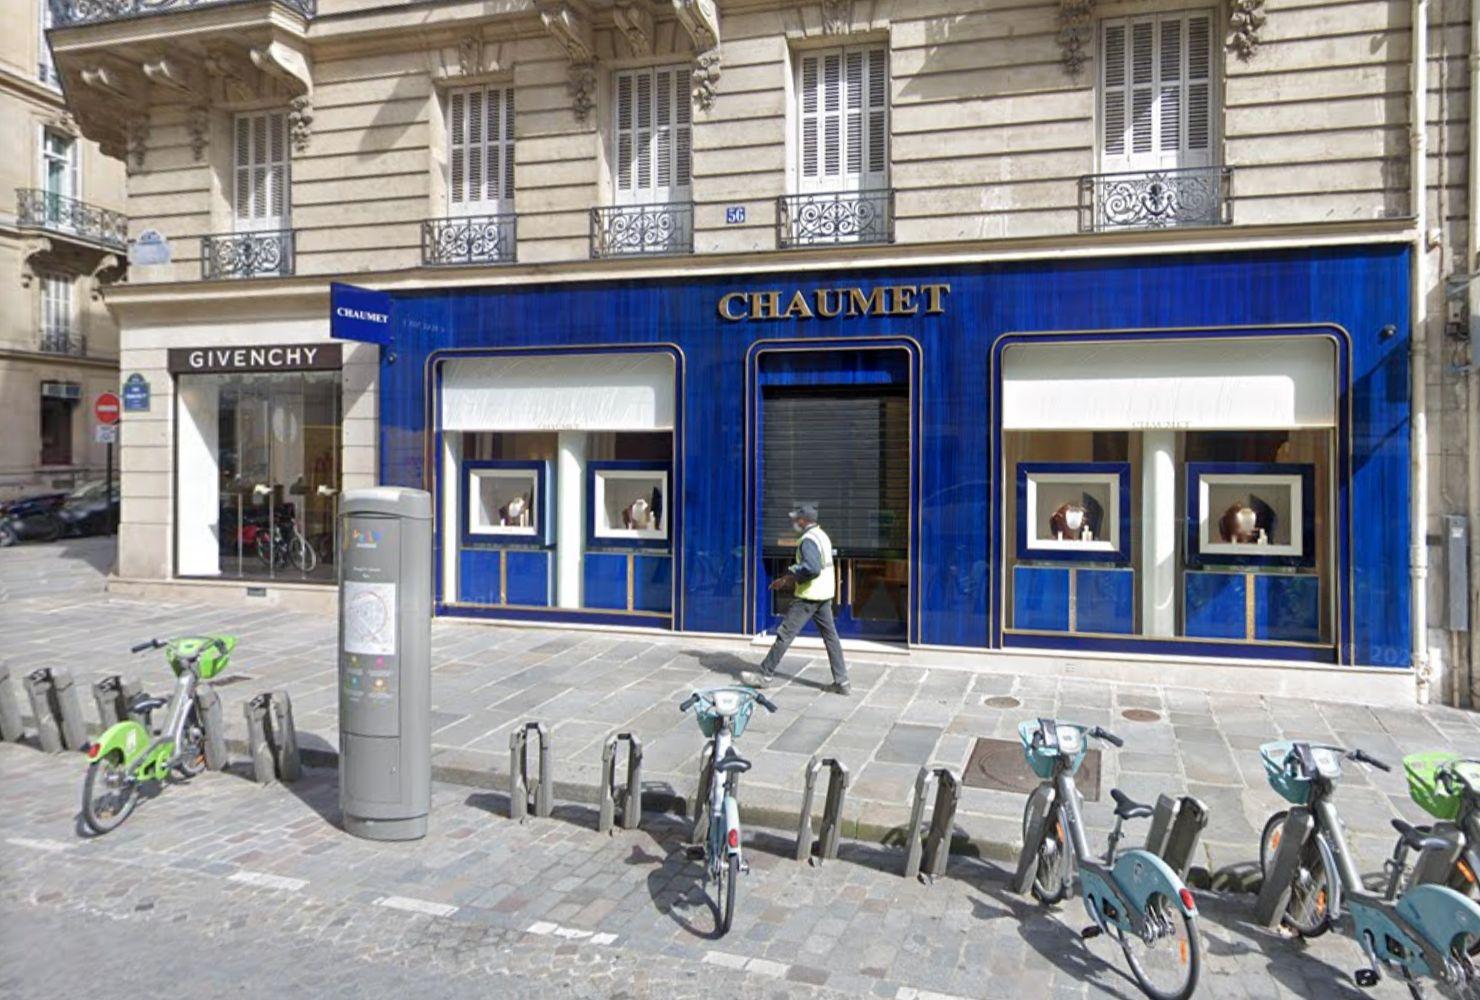 Paris: un homme en trottinette braque un bijouterie, 2 à 3 millions d'euros de butin